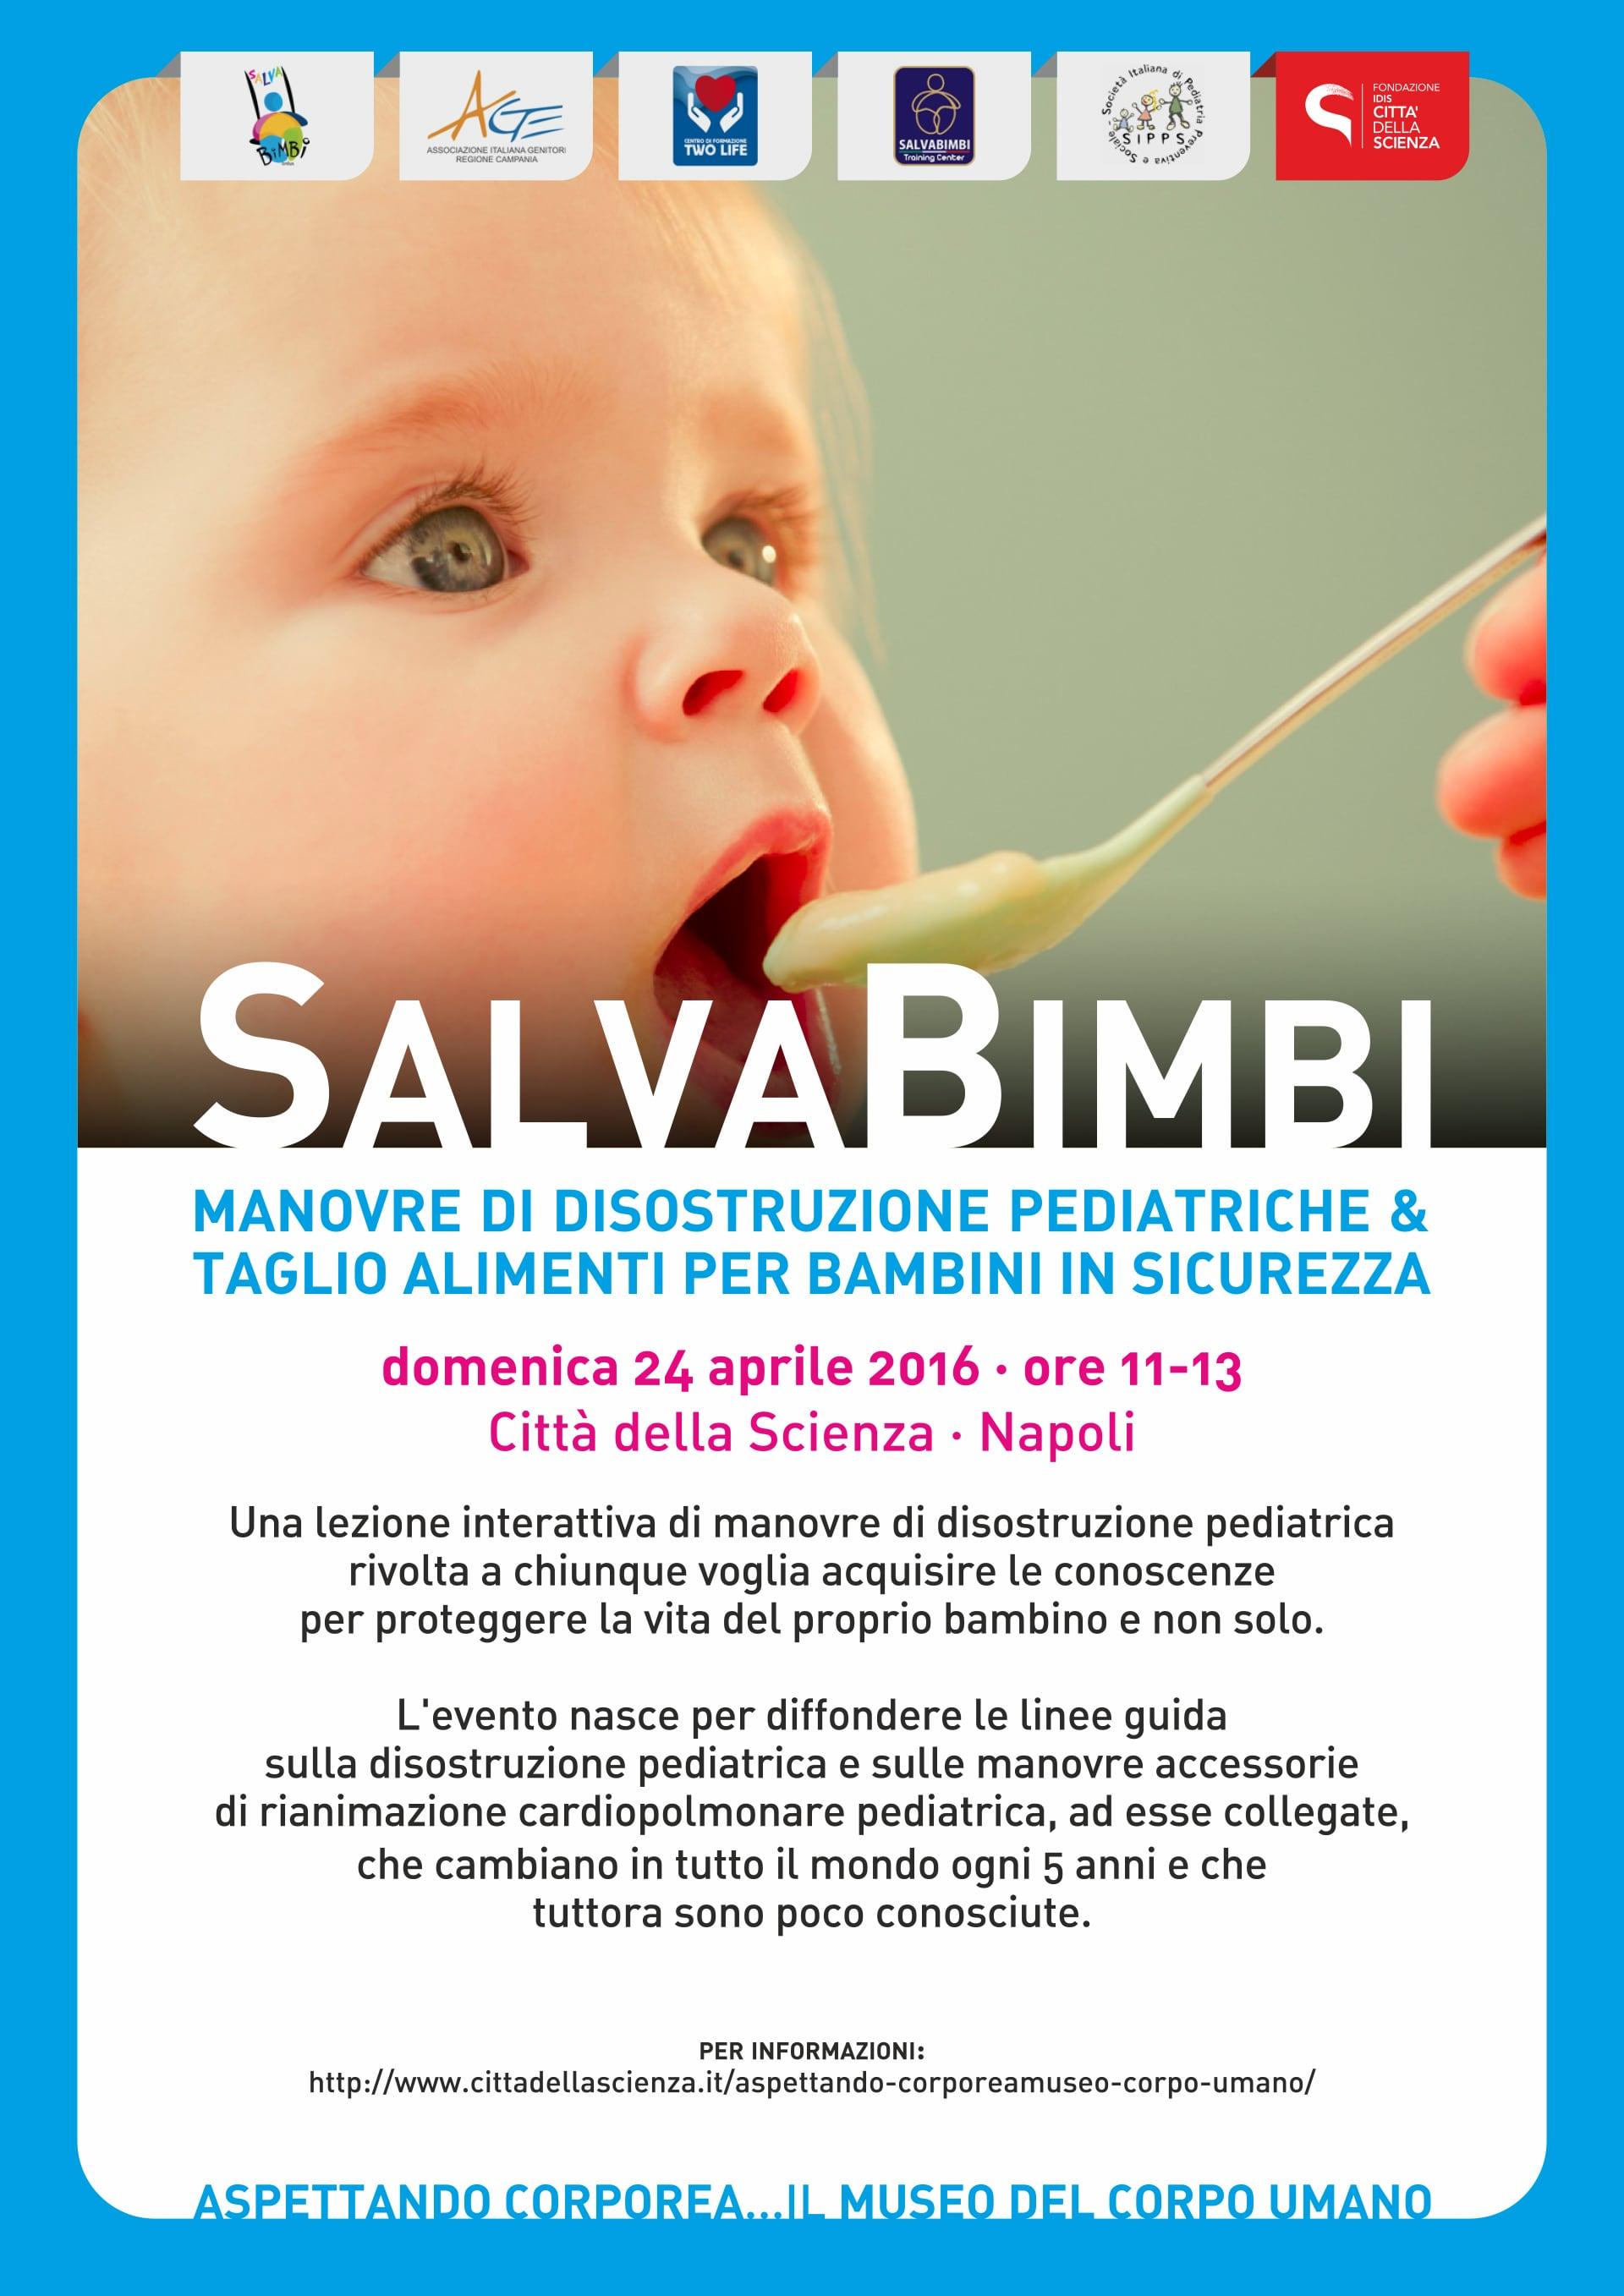 SALVA-BIMBI 24 aprile 2016